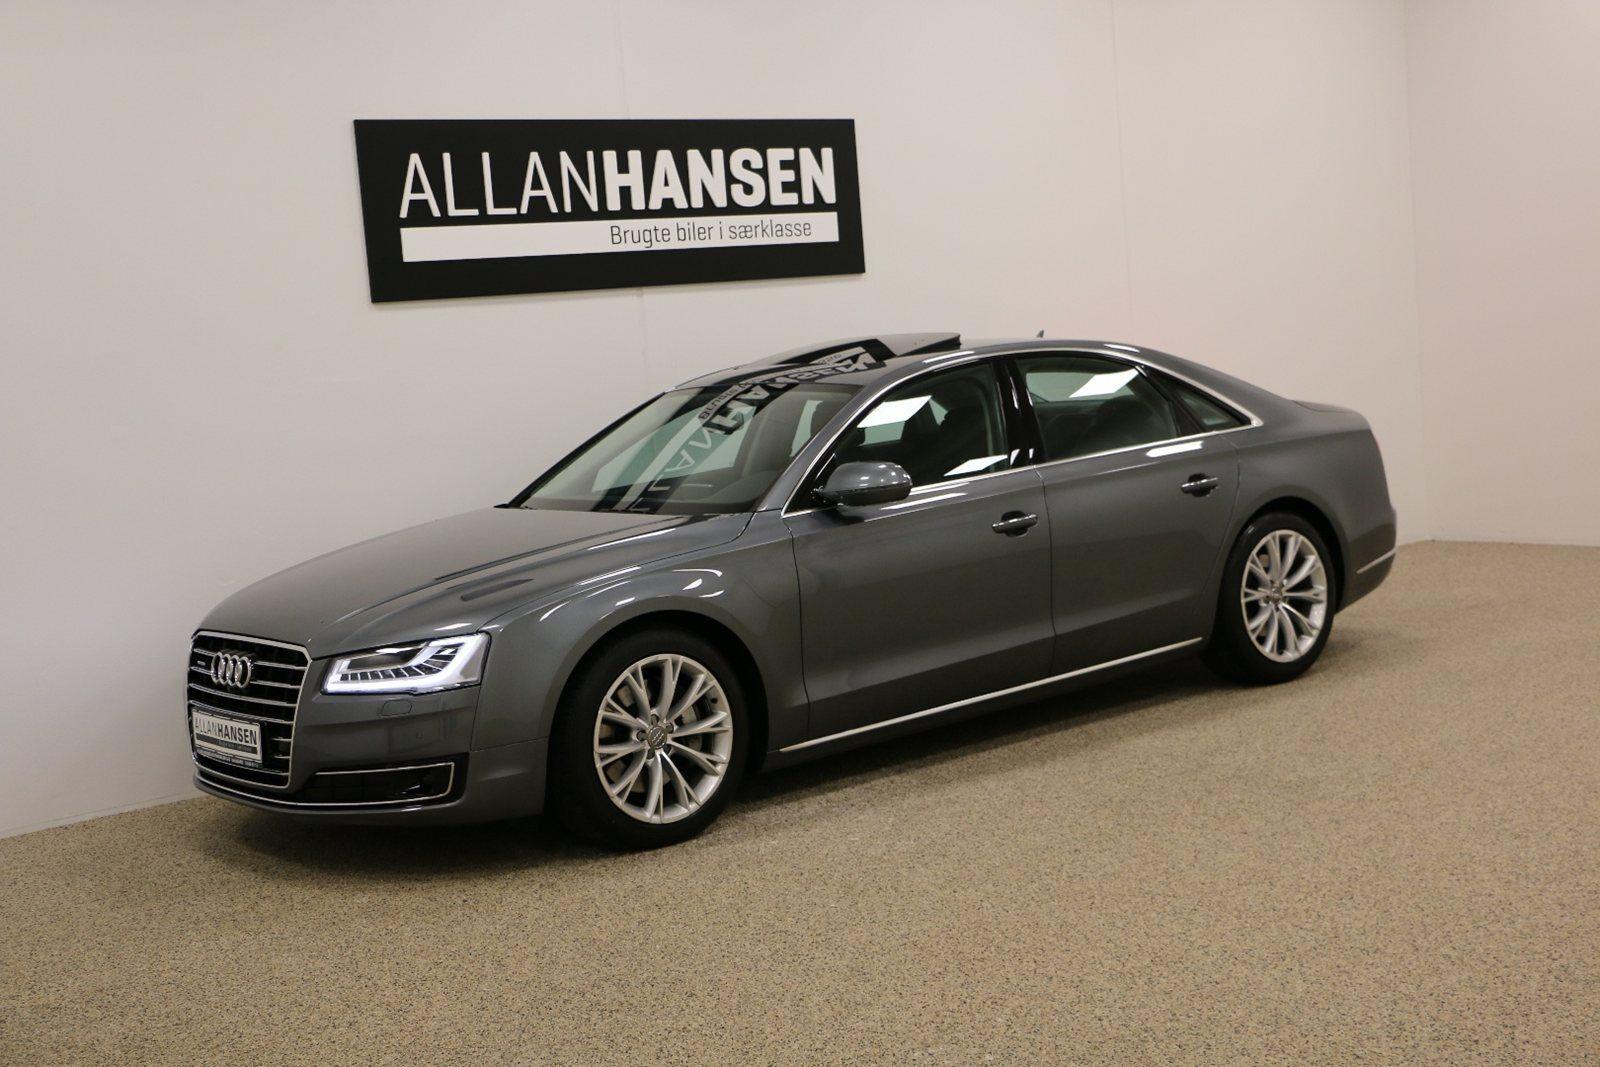 Audi A8 3,0 TDi 258 quattro Tiptr. 4d - 699.900 kr.